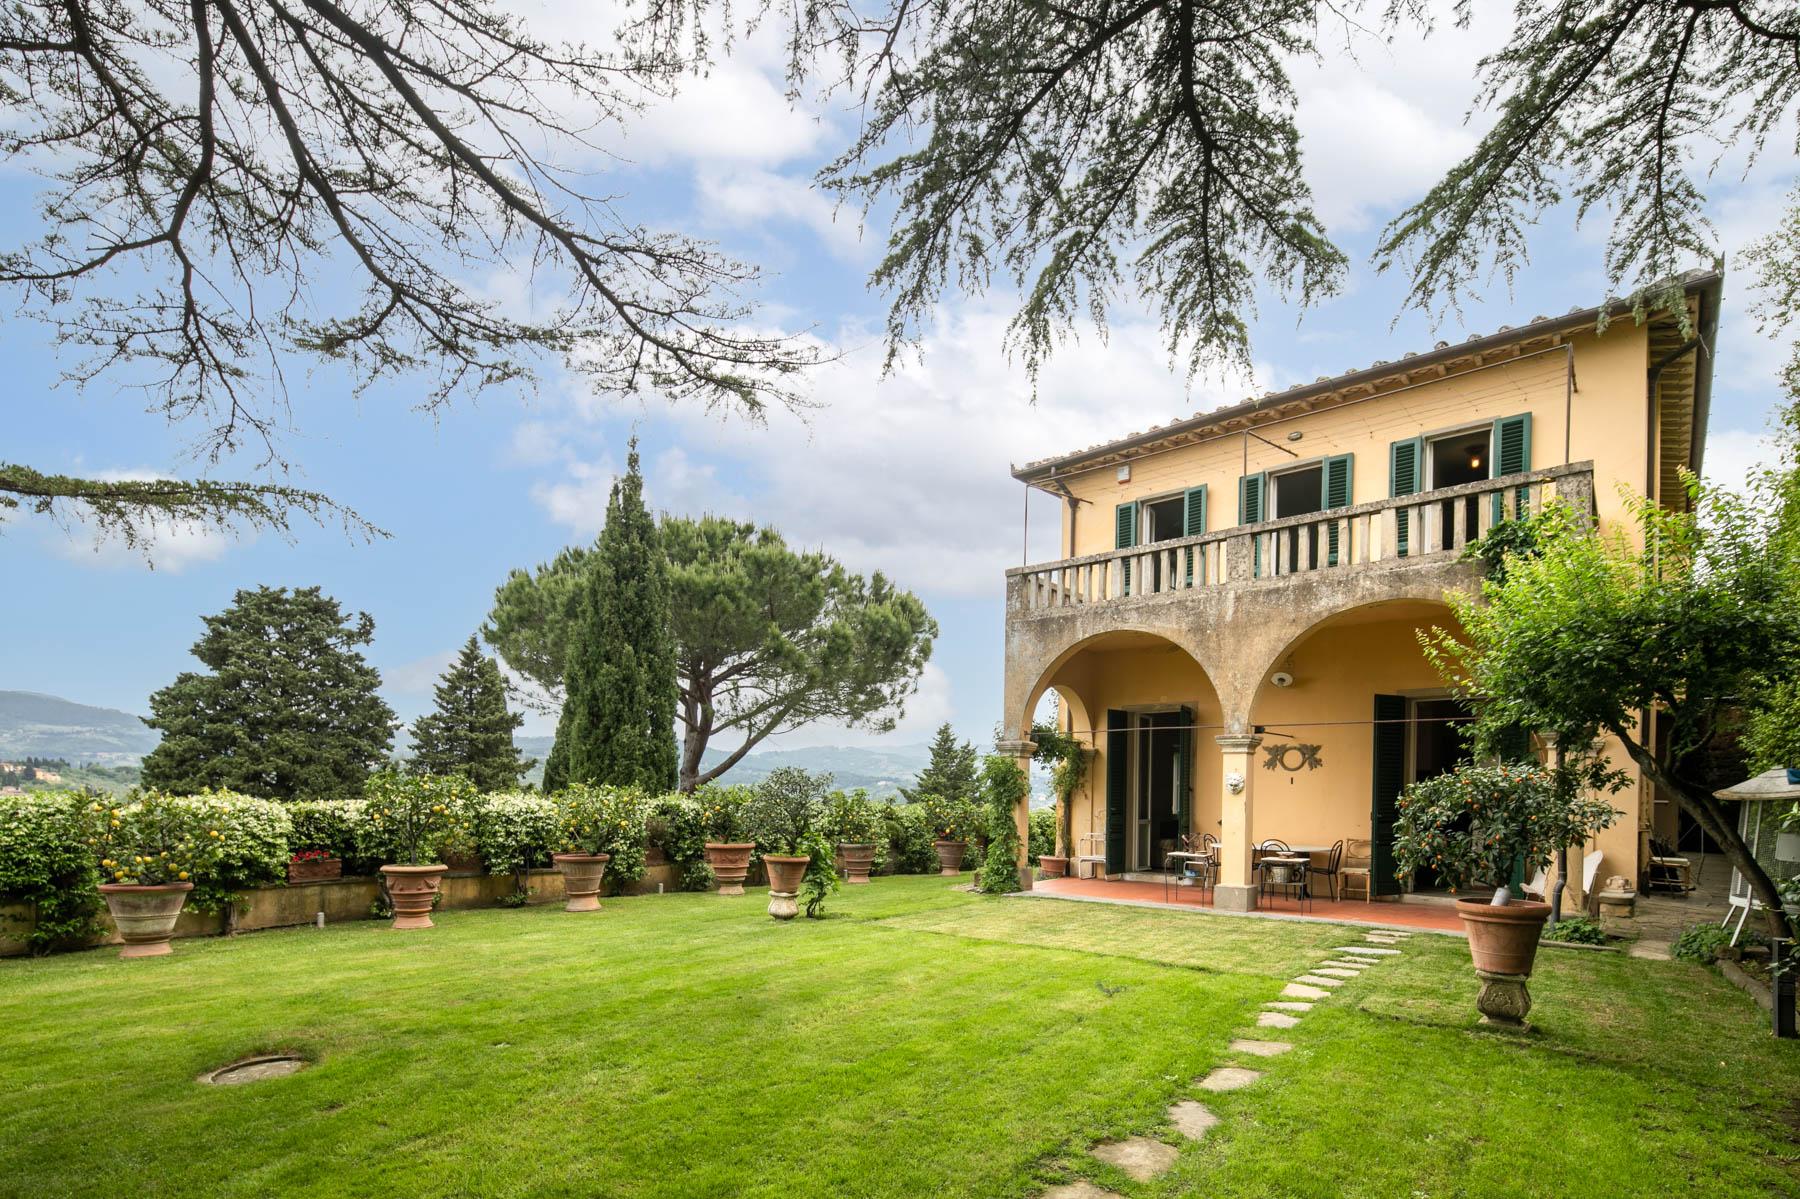 Proprietà con Villa e annessi<br> a Fiesole